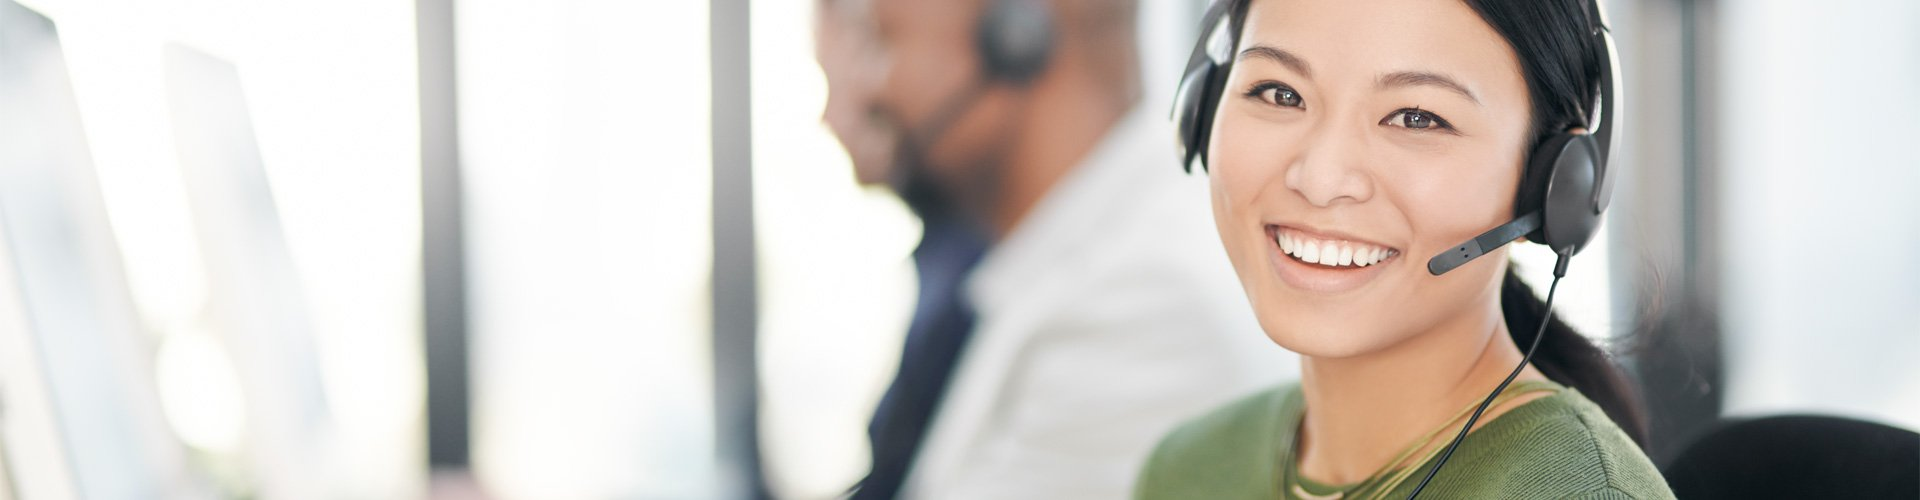 Femme parlant au téléphone et apportant de l'aide à un client avec ses prothèses auditives.